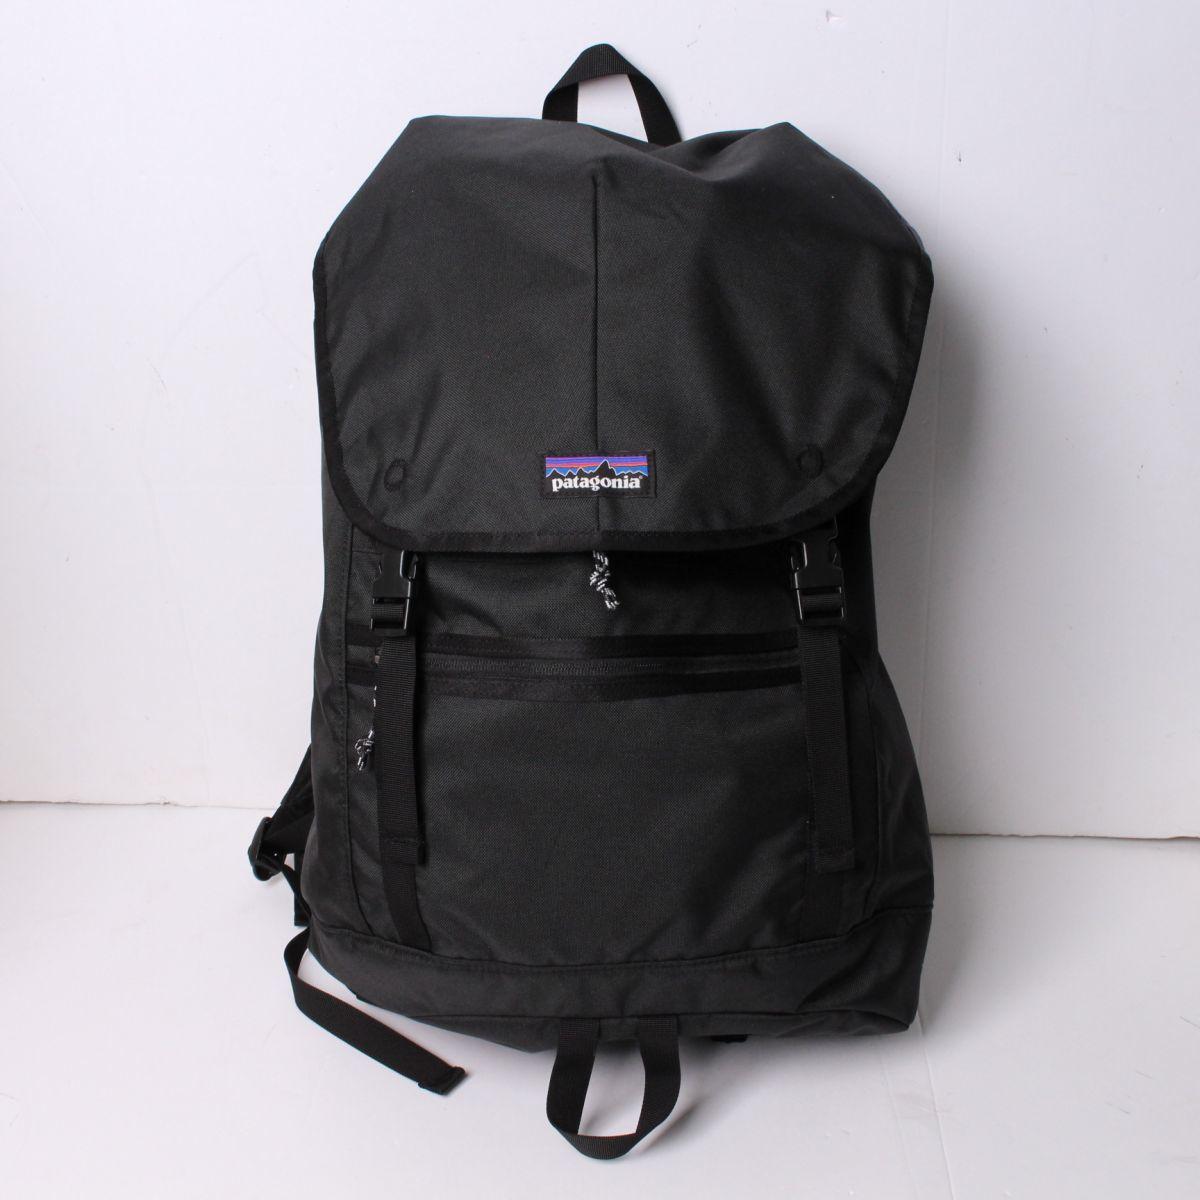 新品 未使用 正規品 pantagonia パタゴニア リュック 25L Arbor Classic Pack バックパック 鞄 デイパック ブラック キャンプ 登山 r015206